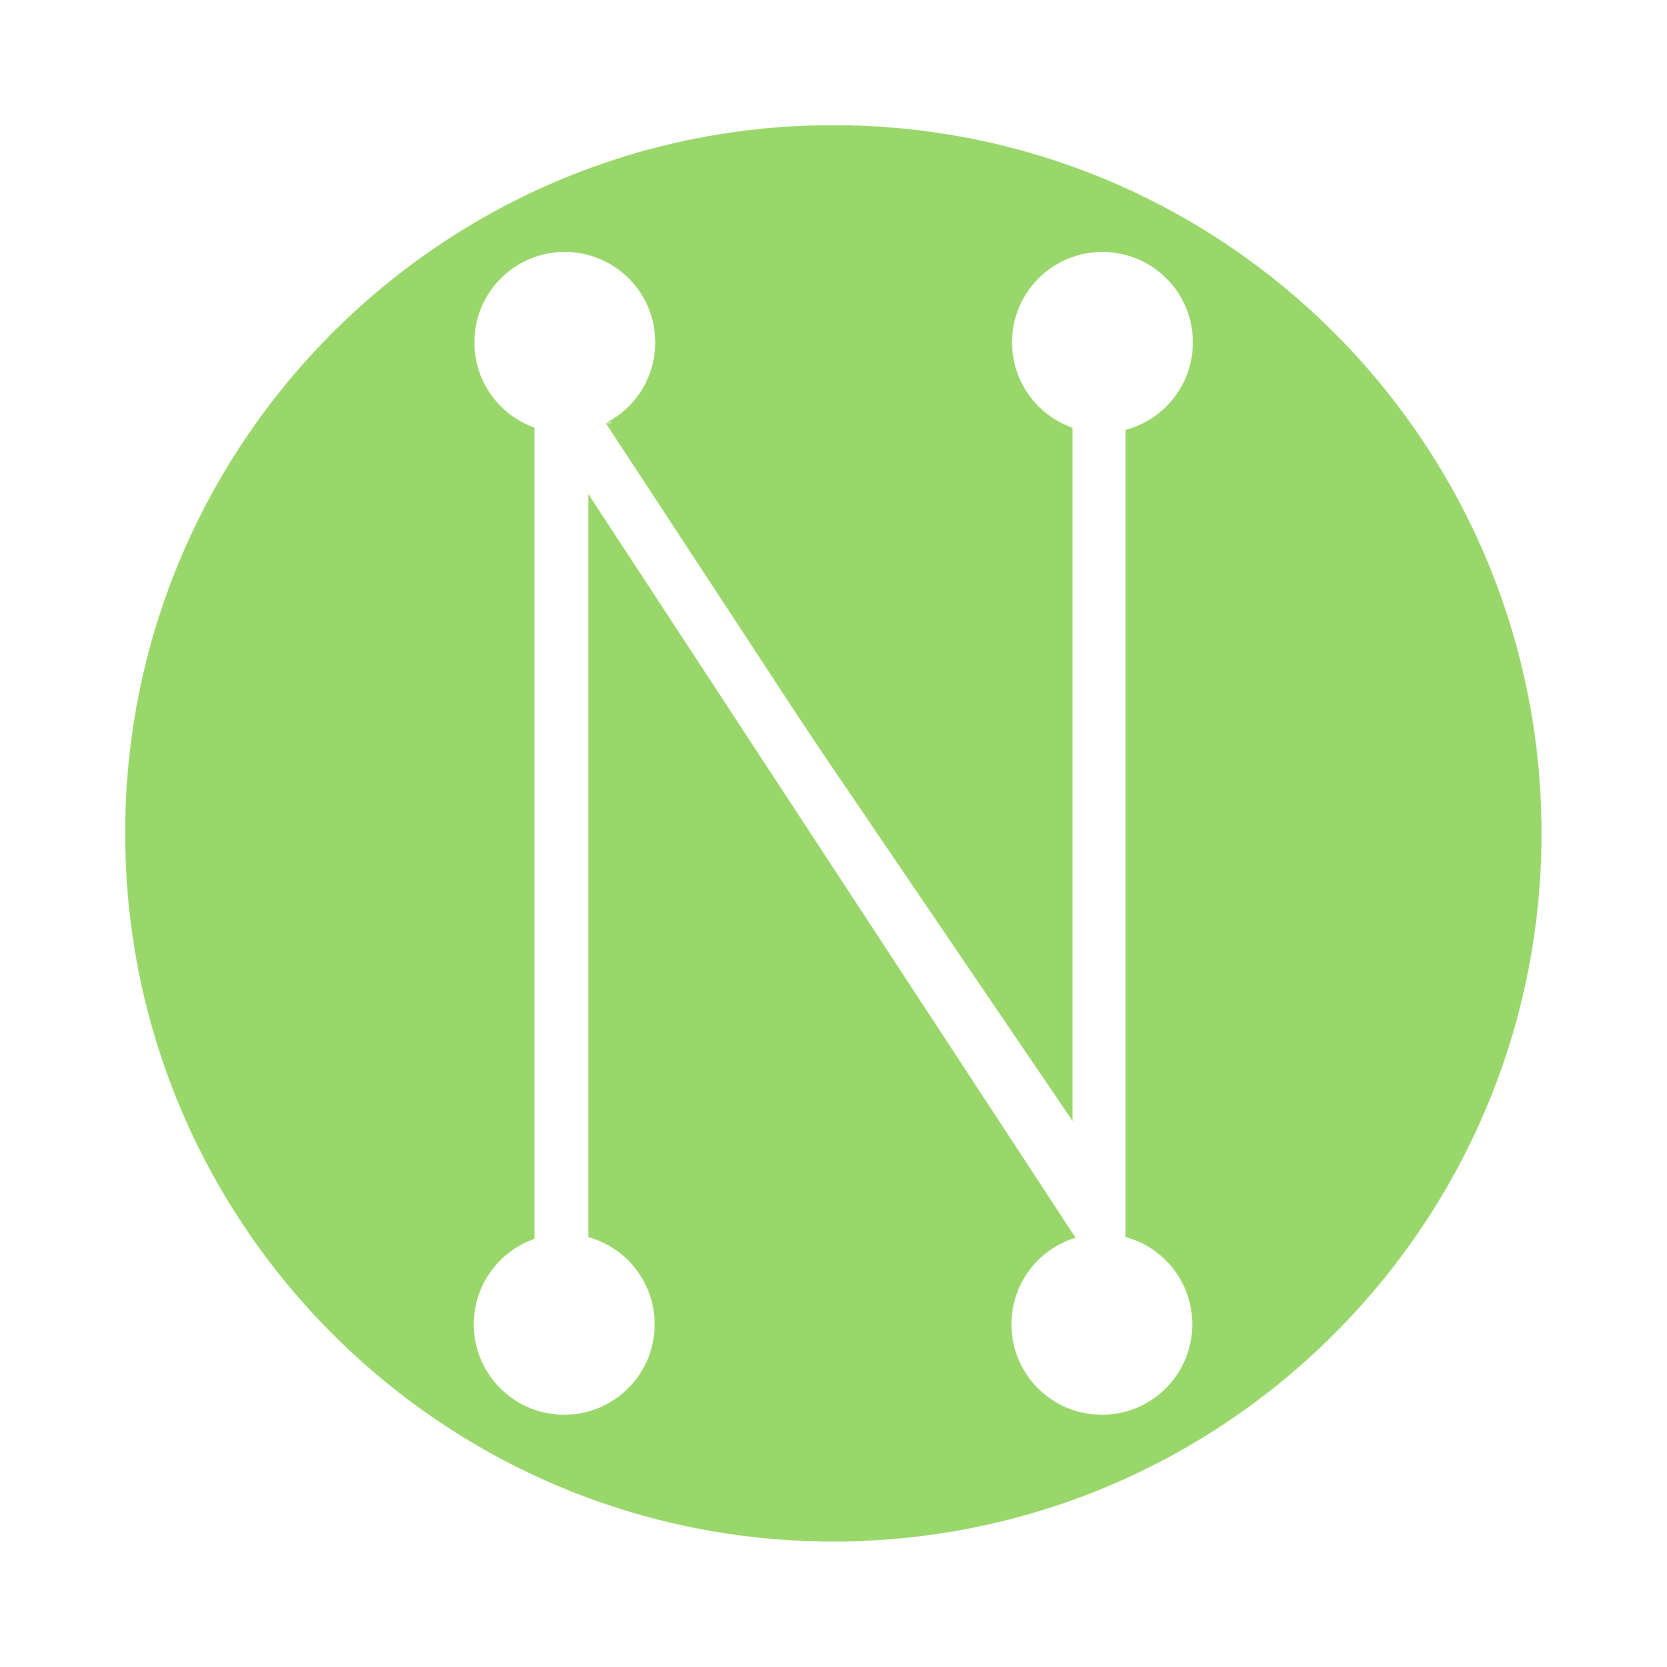 Newark Fiber N 2png-01 (3).png